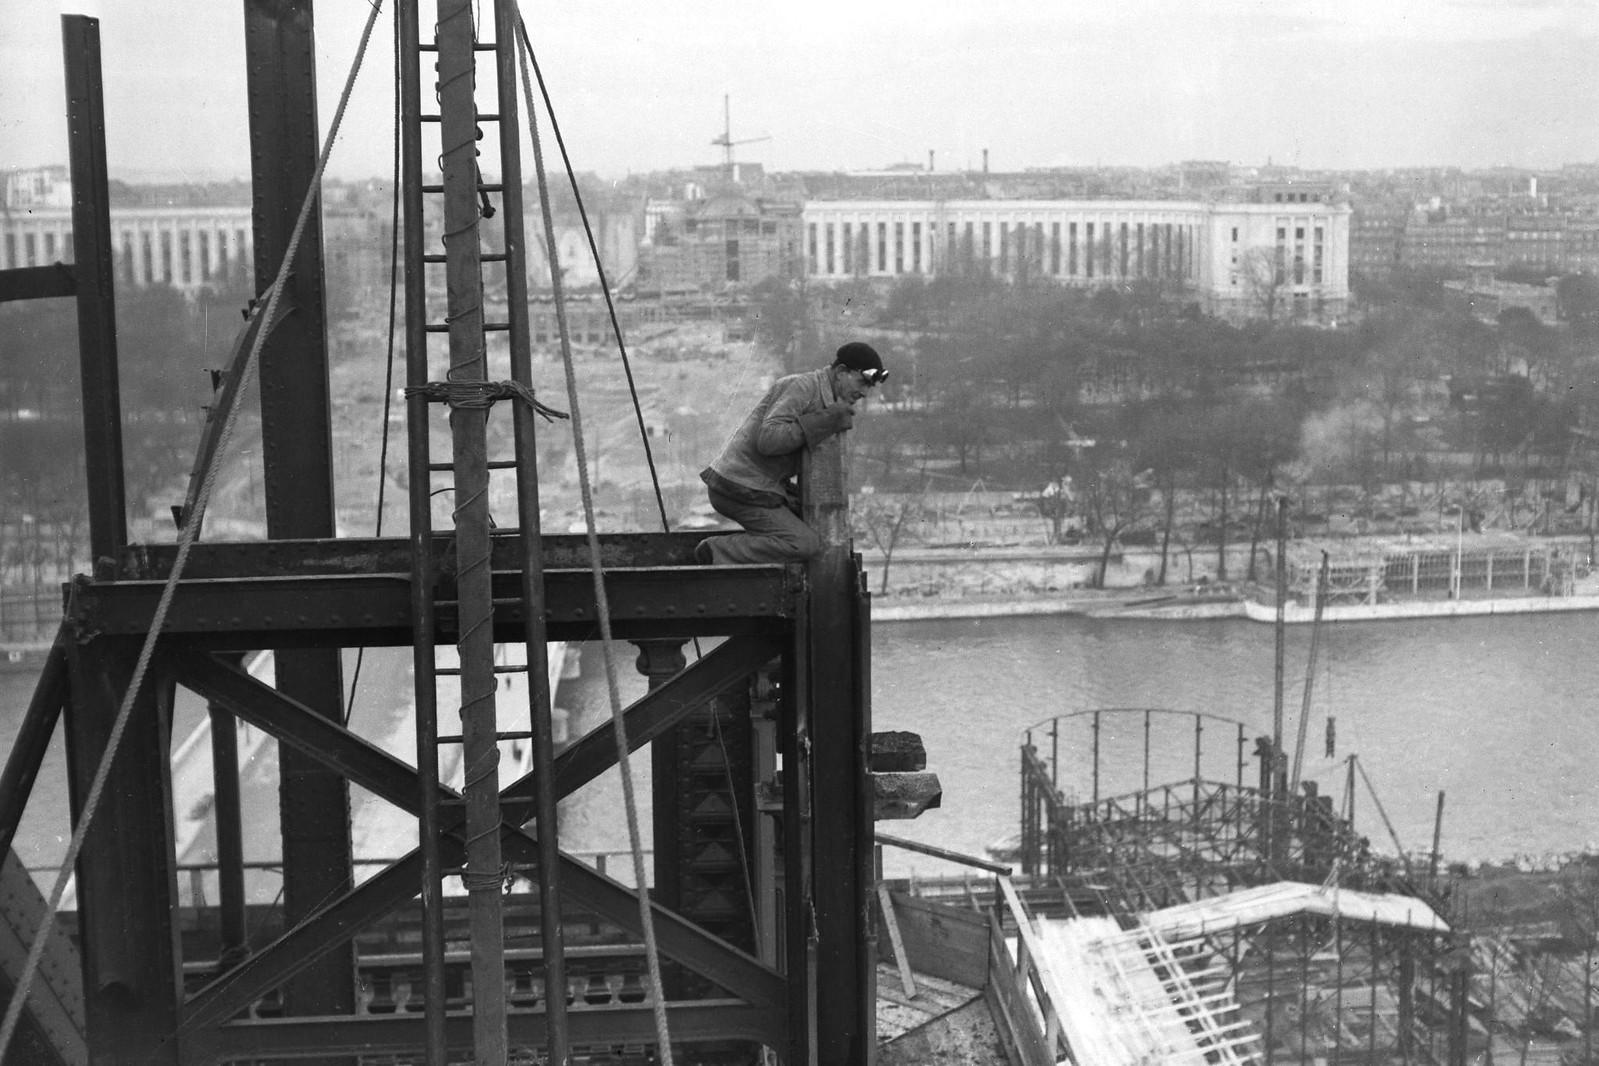 08. 1936. Рабочий сидит на вершине опоры башни во время модернизации первого этажа Эйфелевой башни для Всемирной выставки 1937 года, 14 декабря